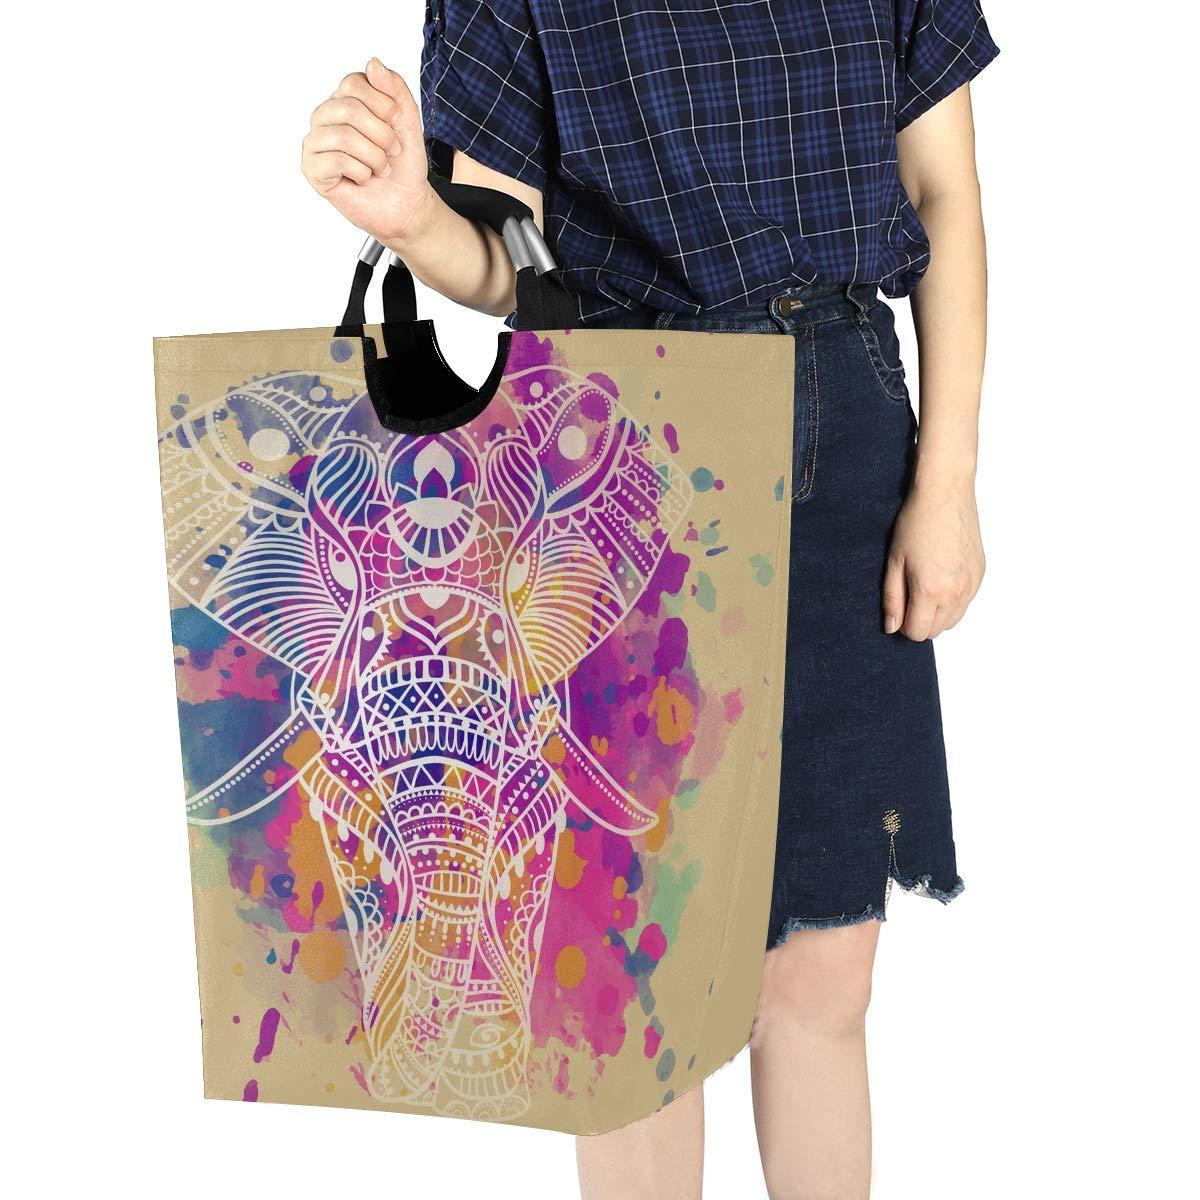 Unimagic Collapsible Laundry Basket Vintage Bohemian Elephant Laundry Hamper Large Cloth Hamper Laundry Organizer Holder with Handle